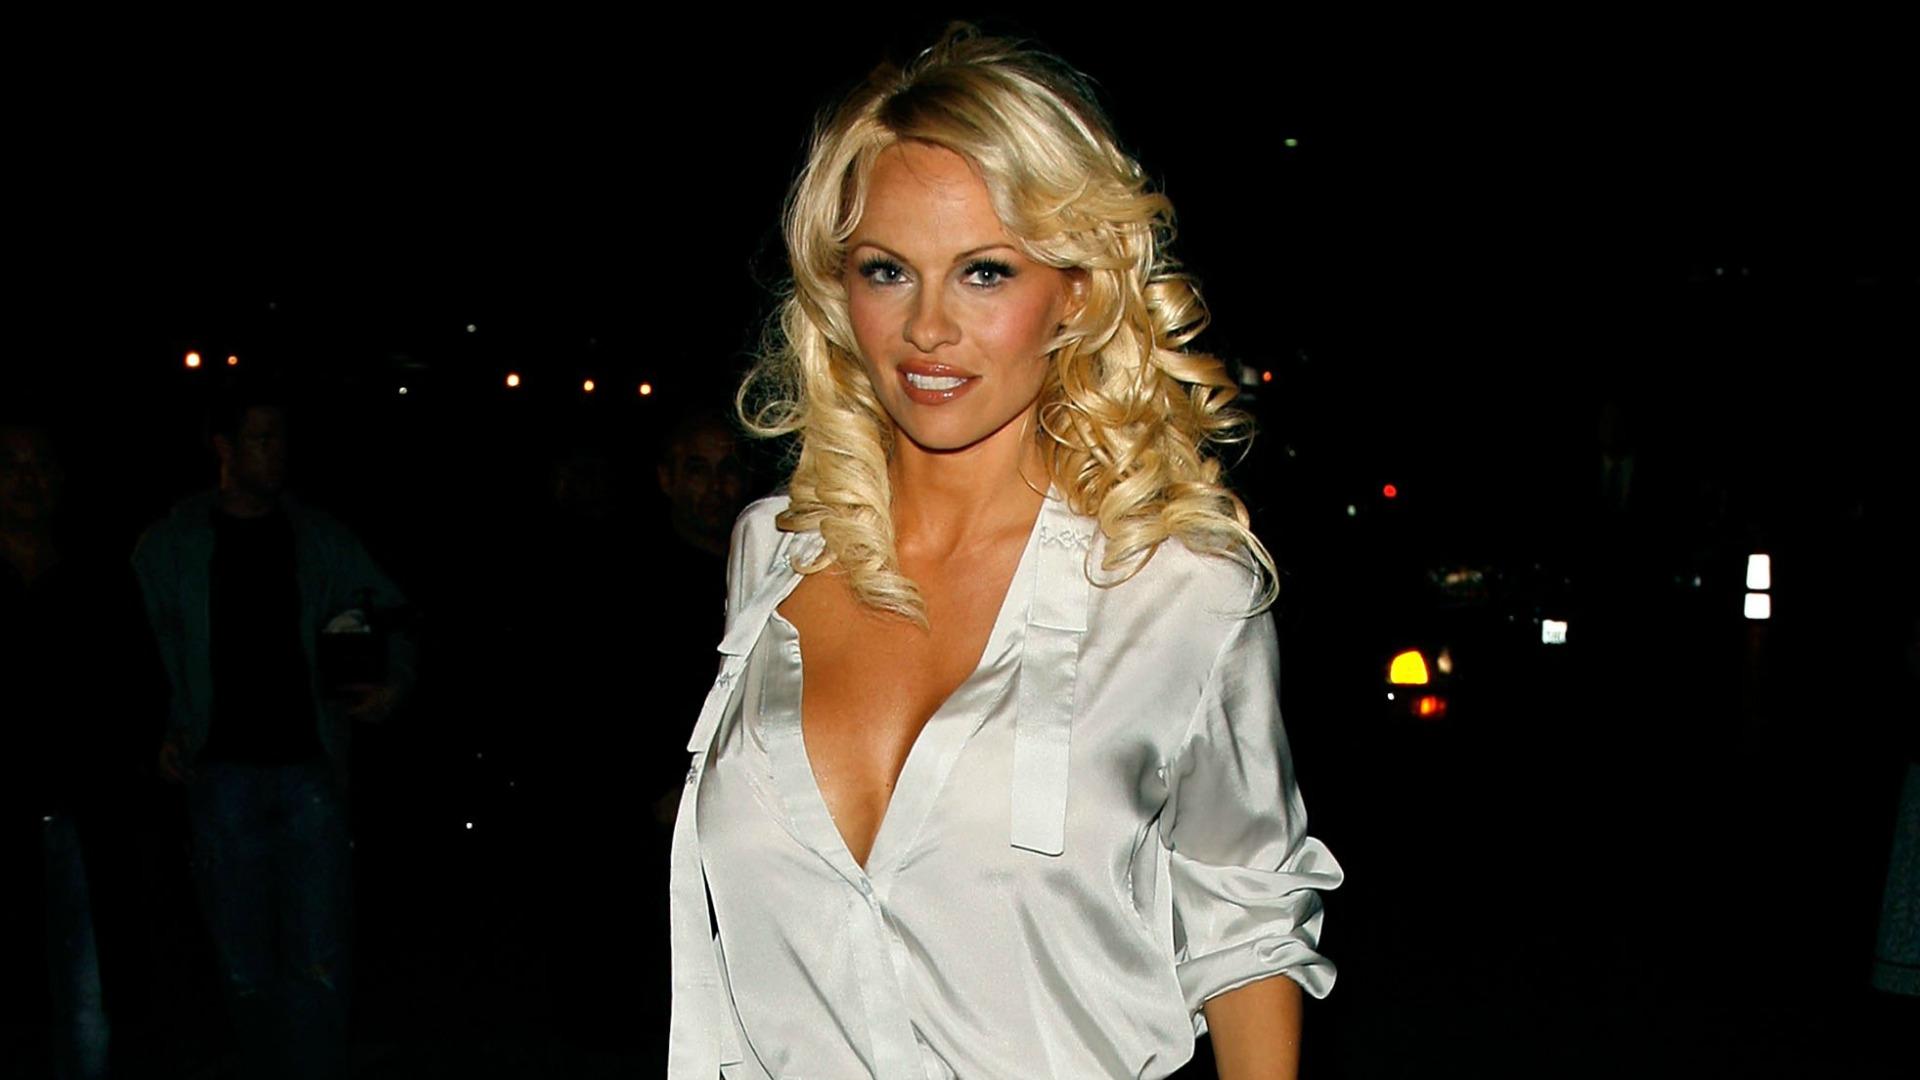 L'ex Milan Rami diventa baywatch: ora sta con Pamela Anderson!